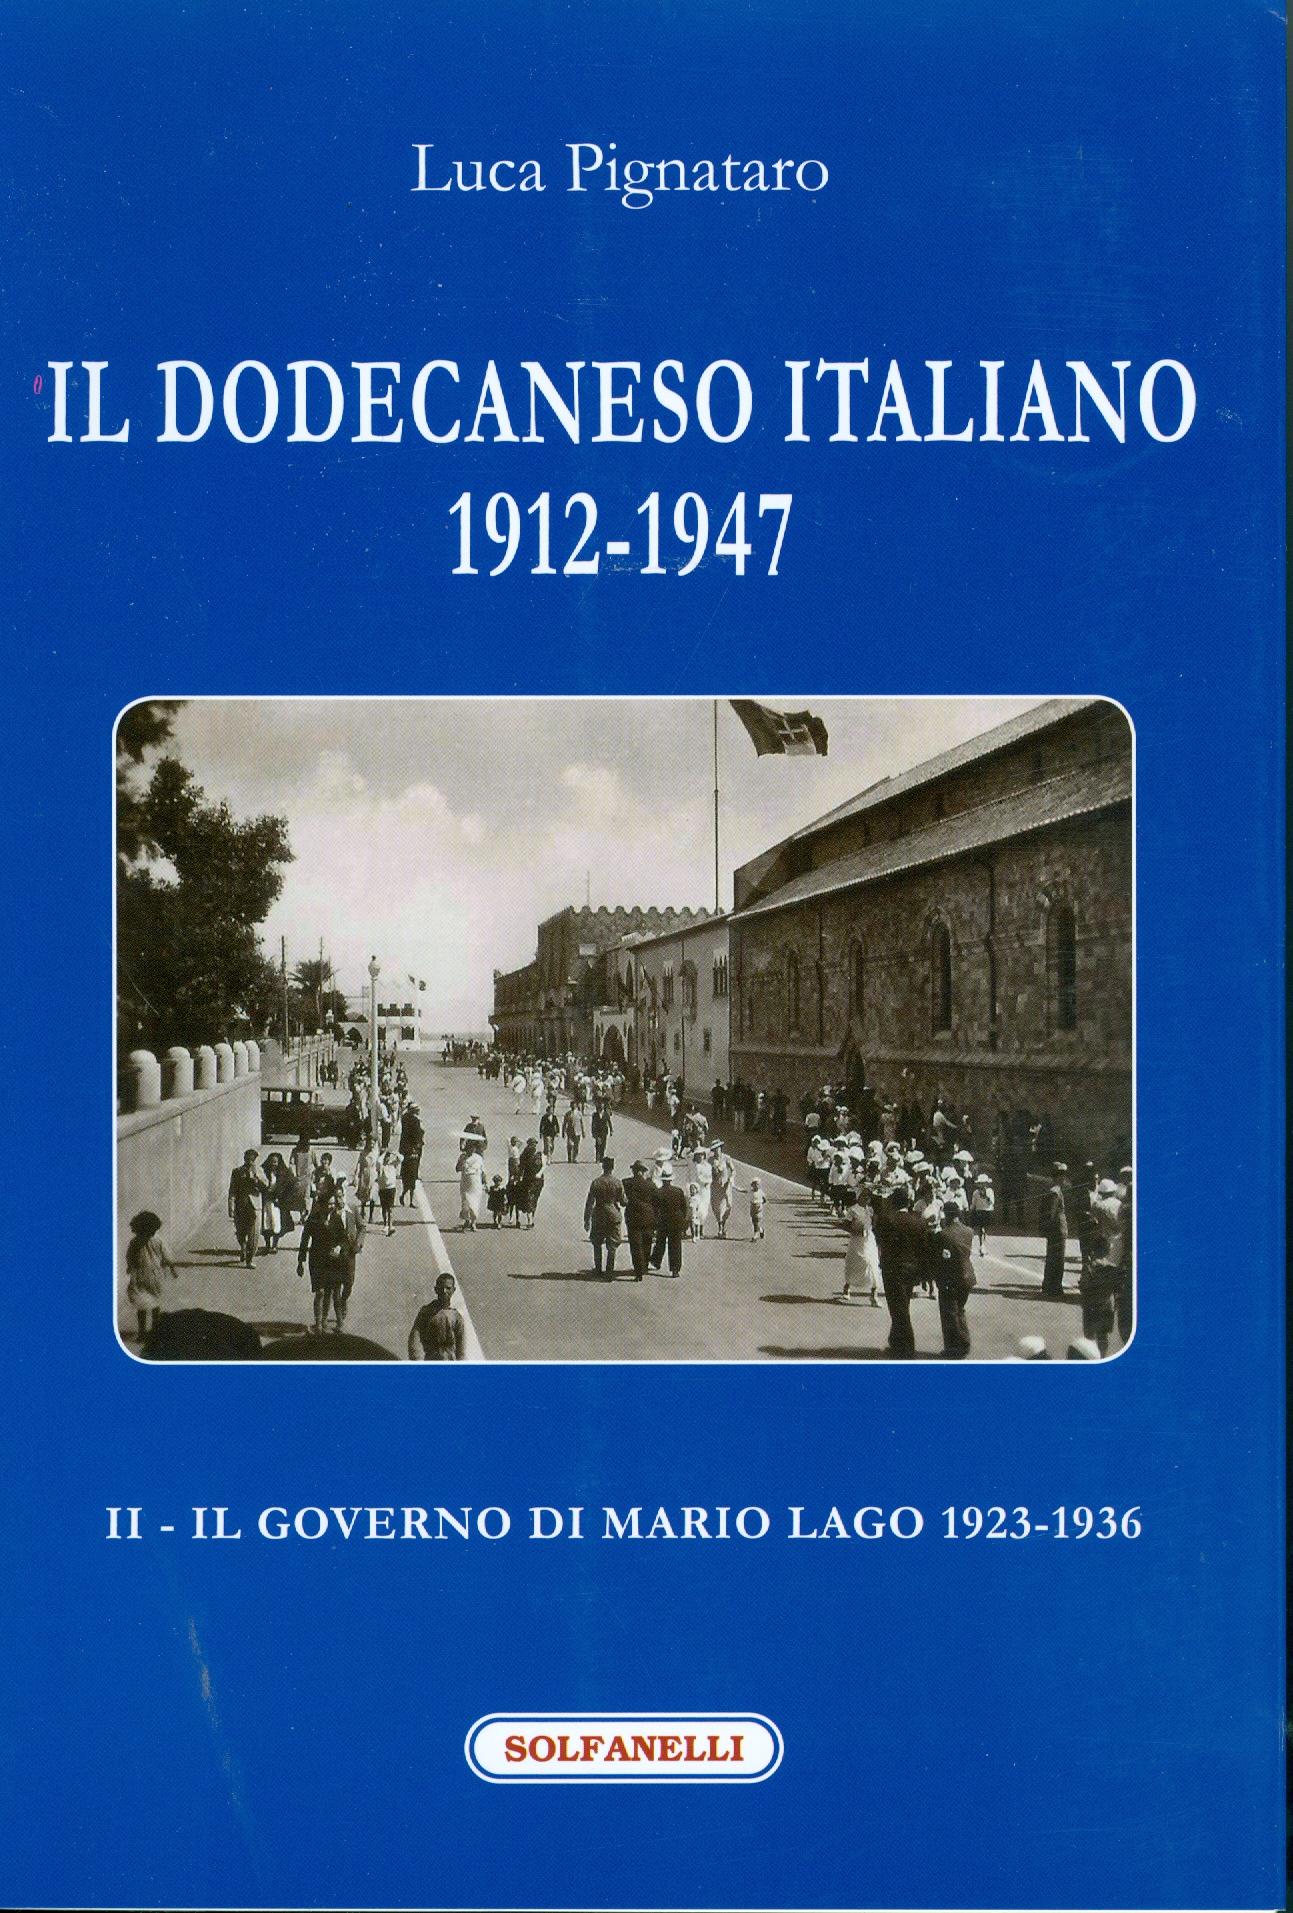 Il Dodecaneso Italiano 1912-1947 - Vol. 2